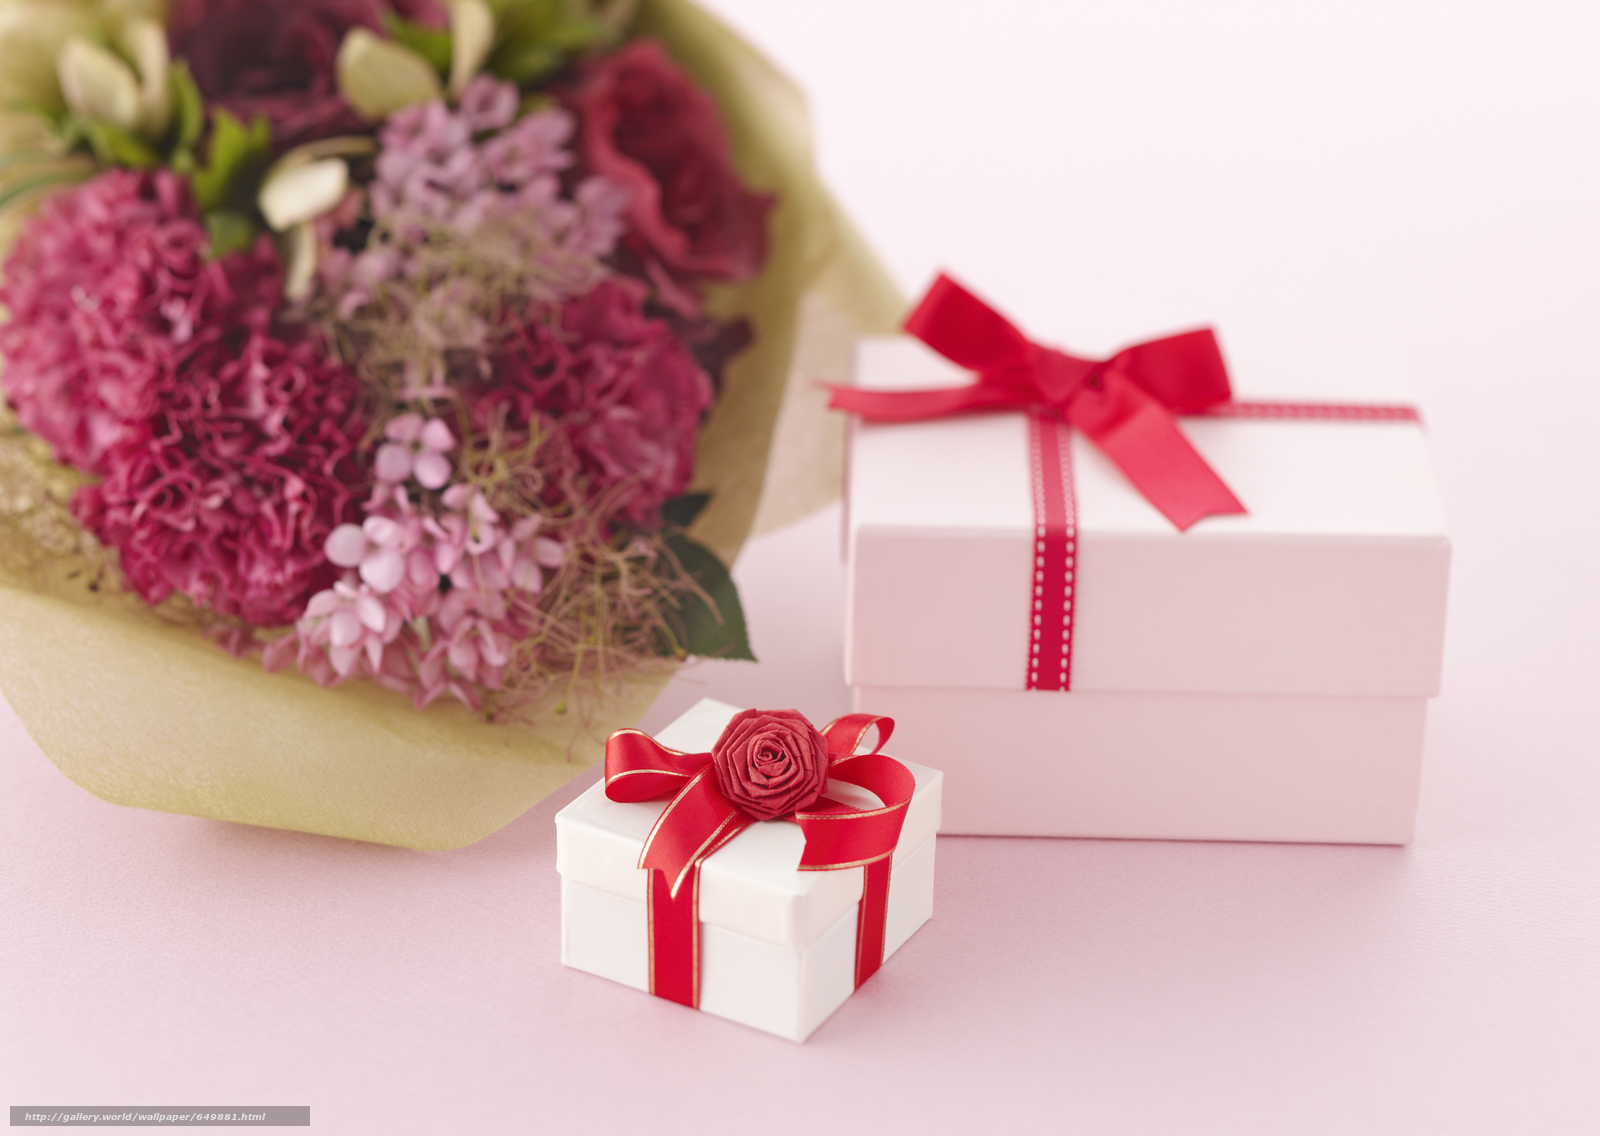 Фотографии подарков на день рождения